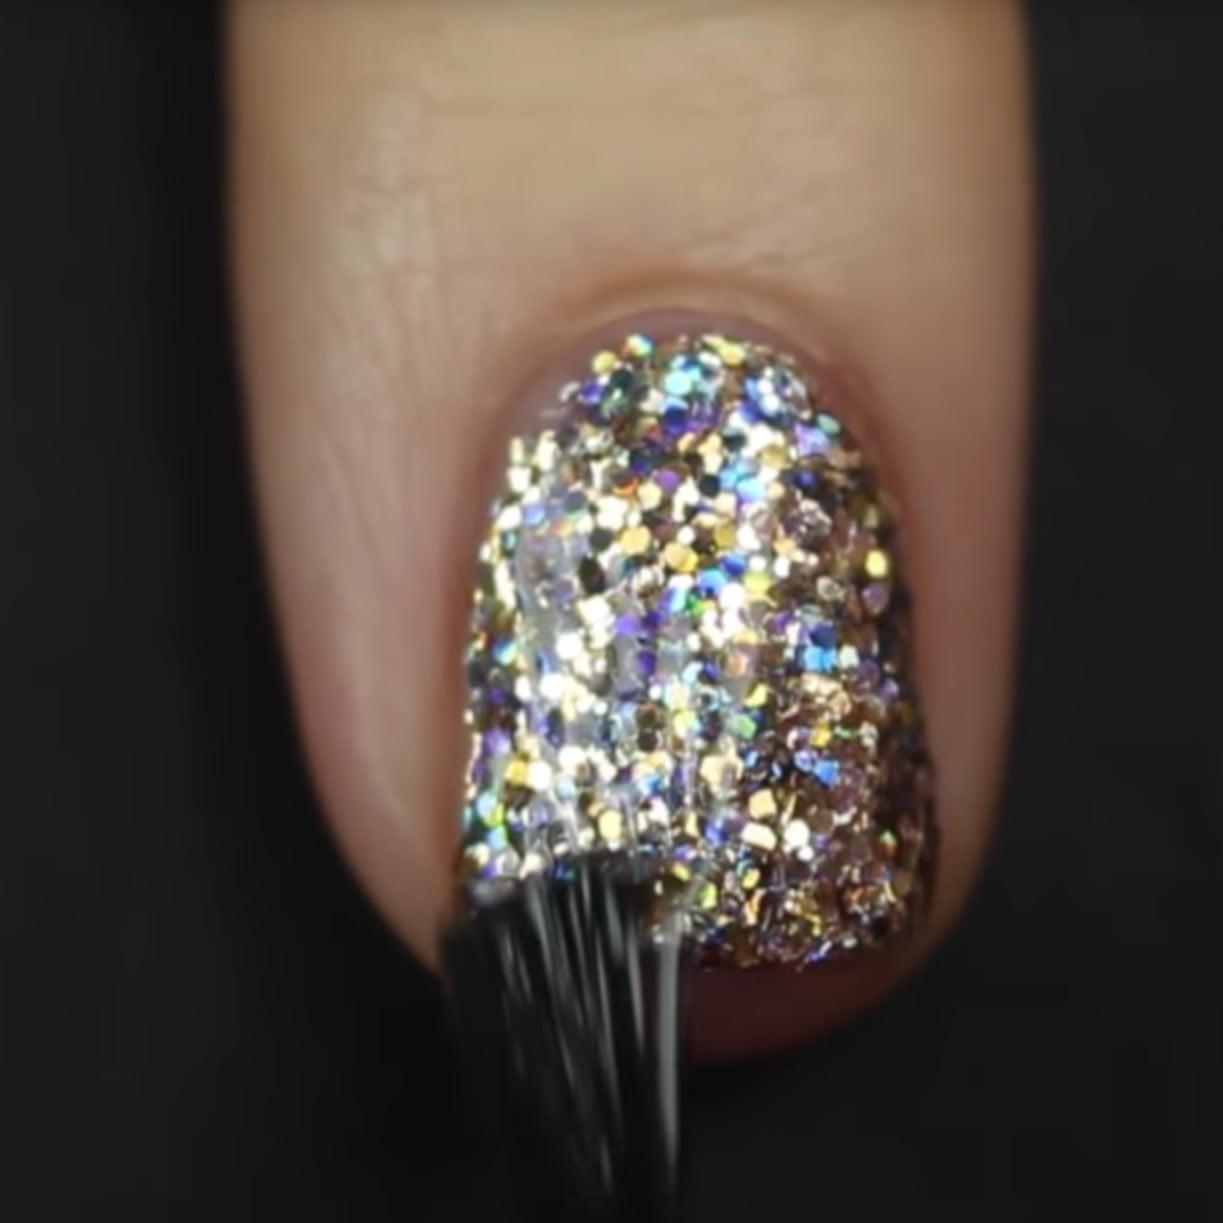 How to Apply Glitter Nail Polish | POPSUGAR Beauty